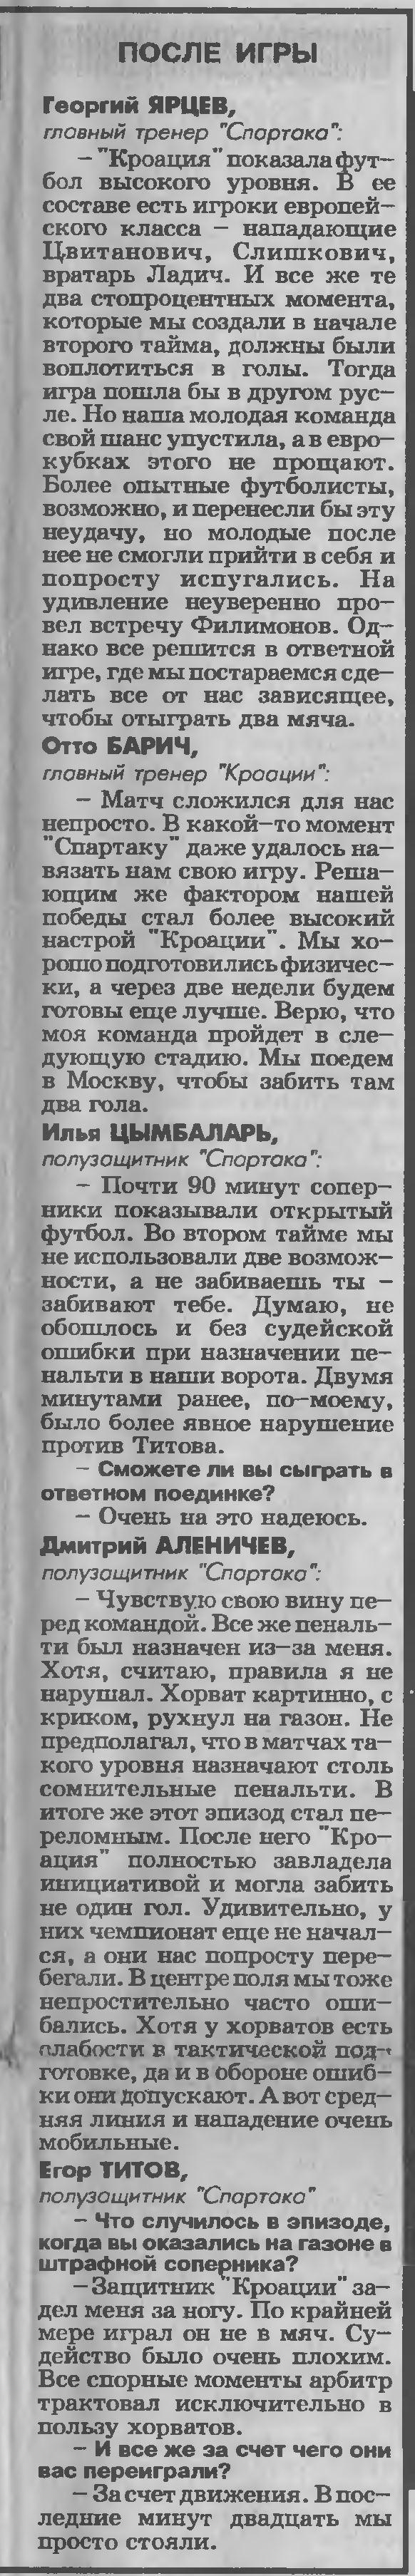 Динамо Загреб (Хорватия) - Спартак (Россия) 3:1